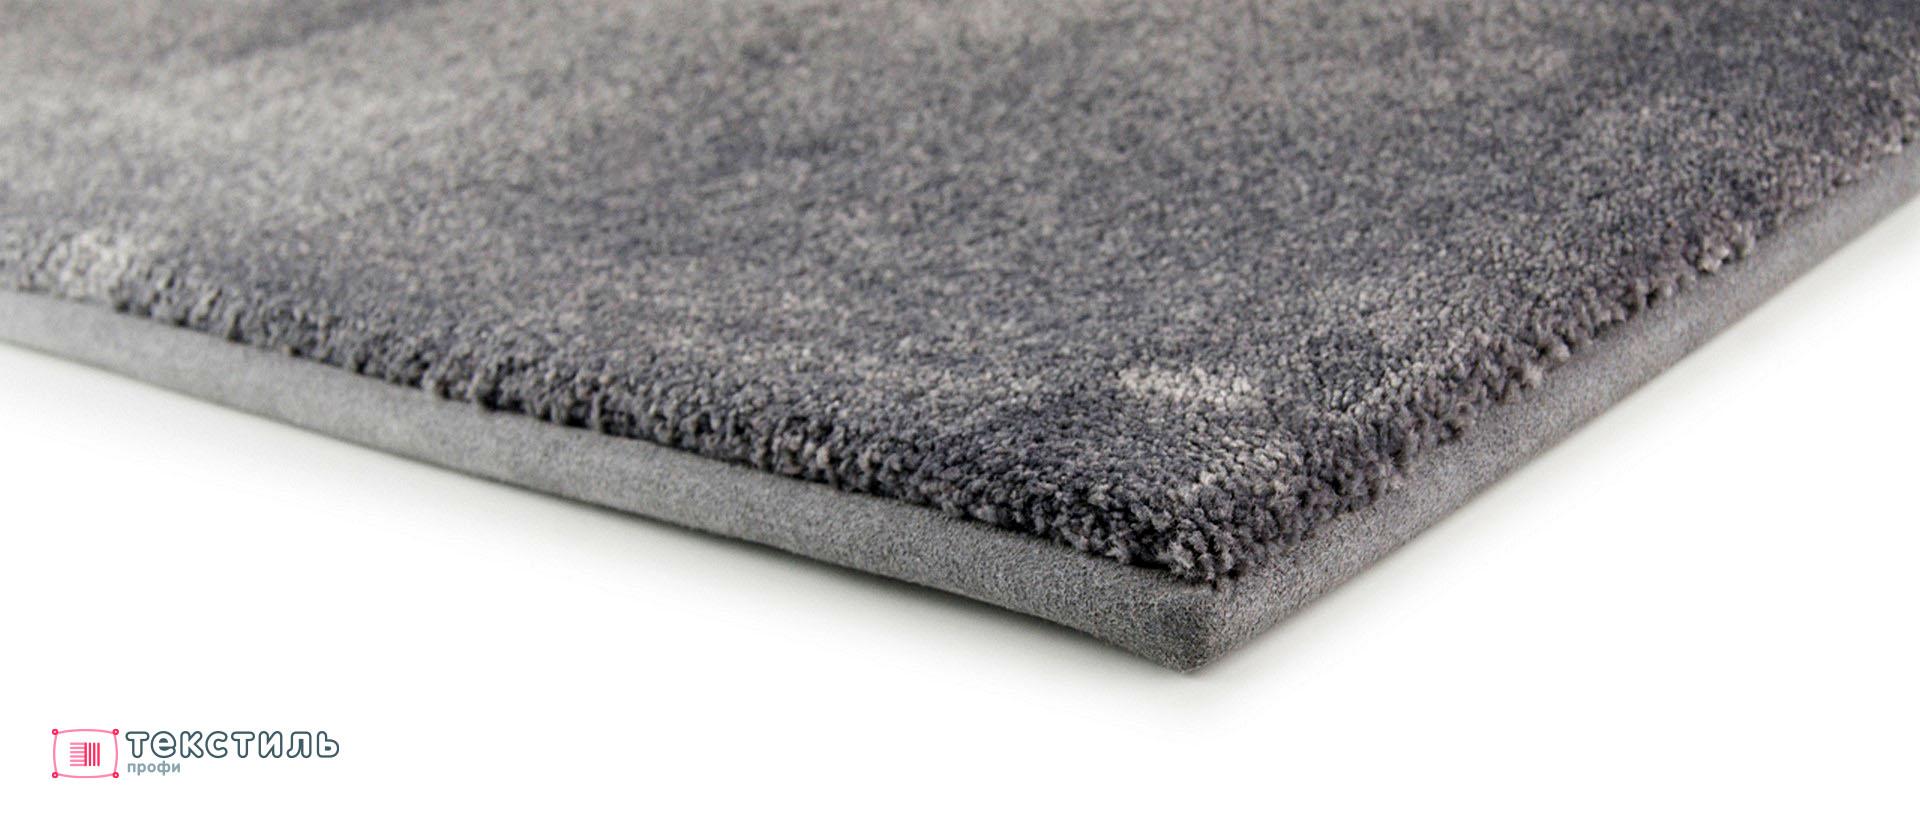 Ковер из материала triexta — волокна этого полимера новый тренд для ковра